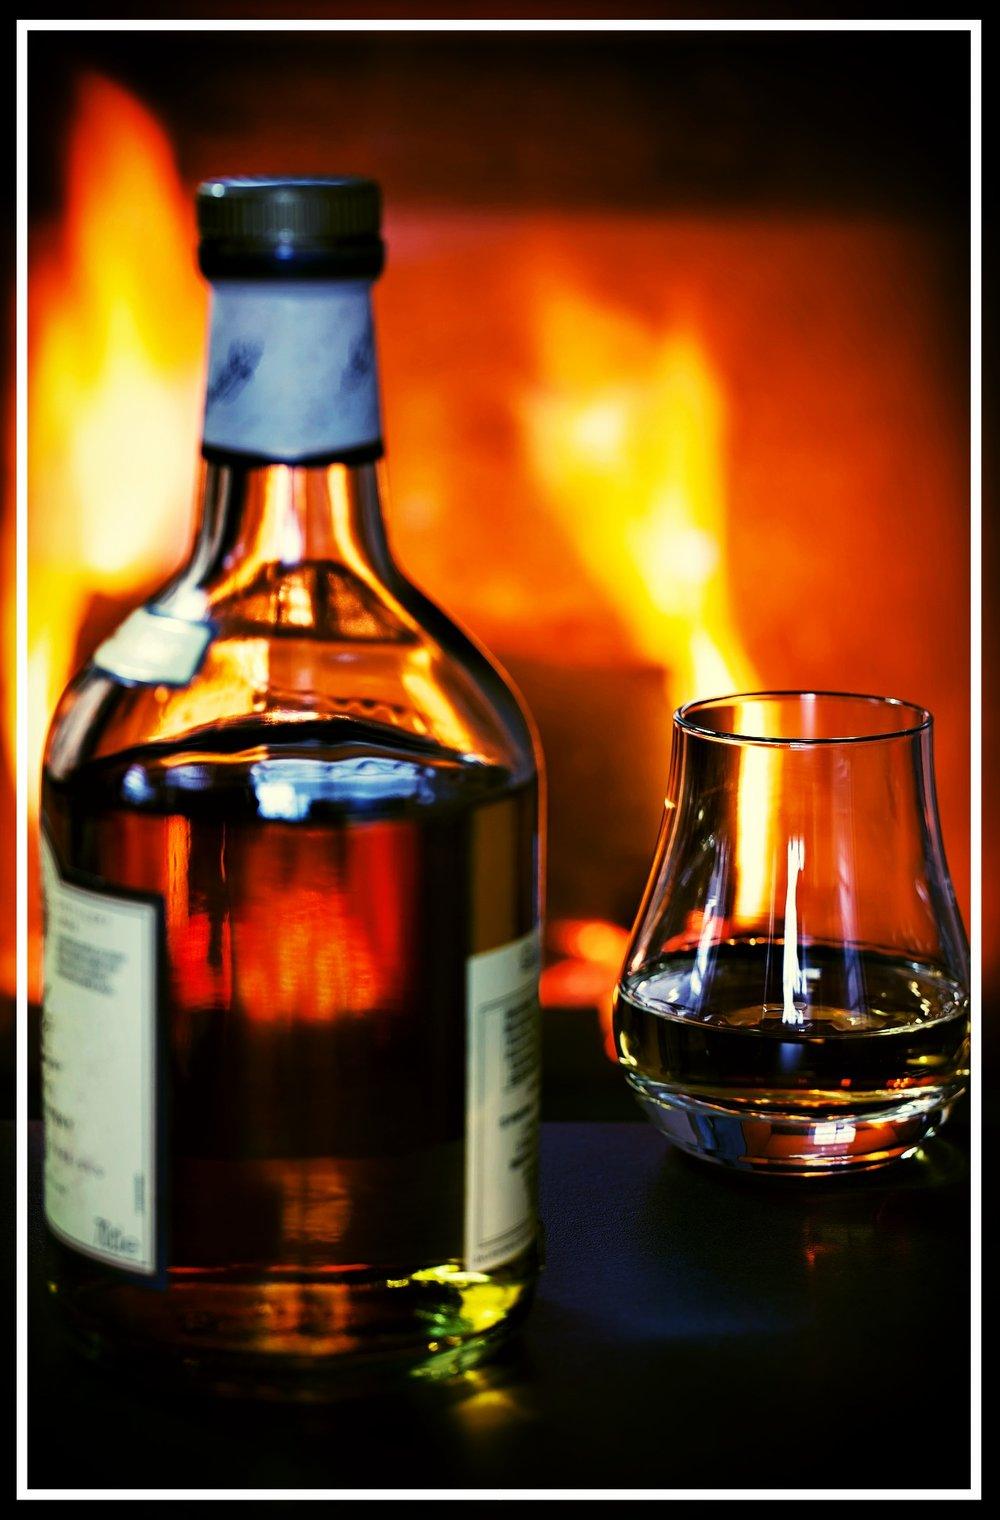 whisky-1872379_1920.jpg